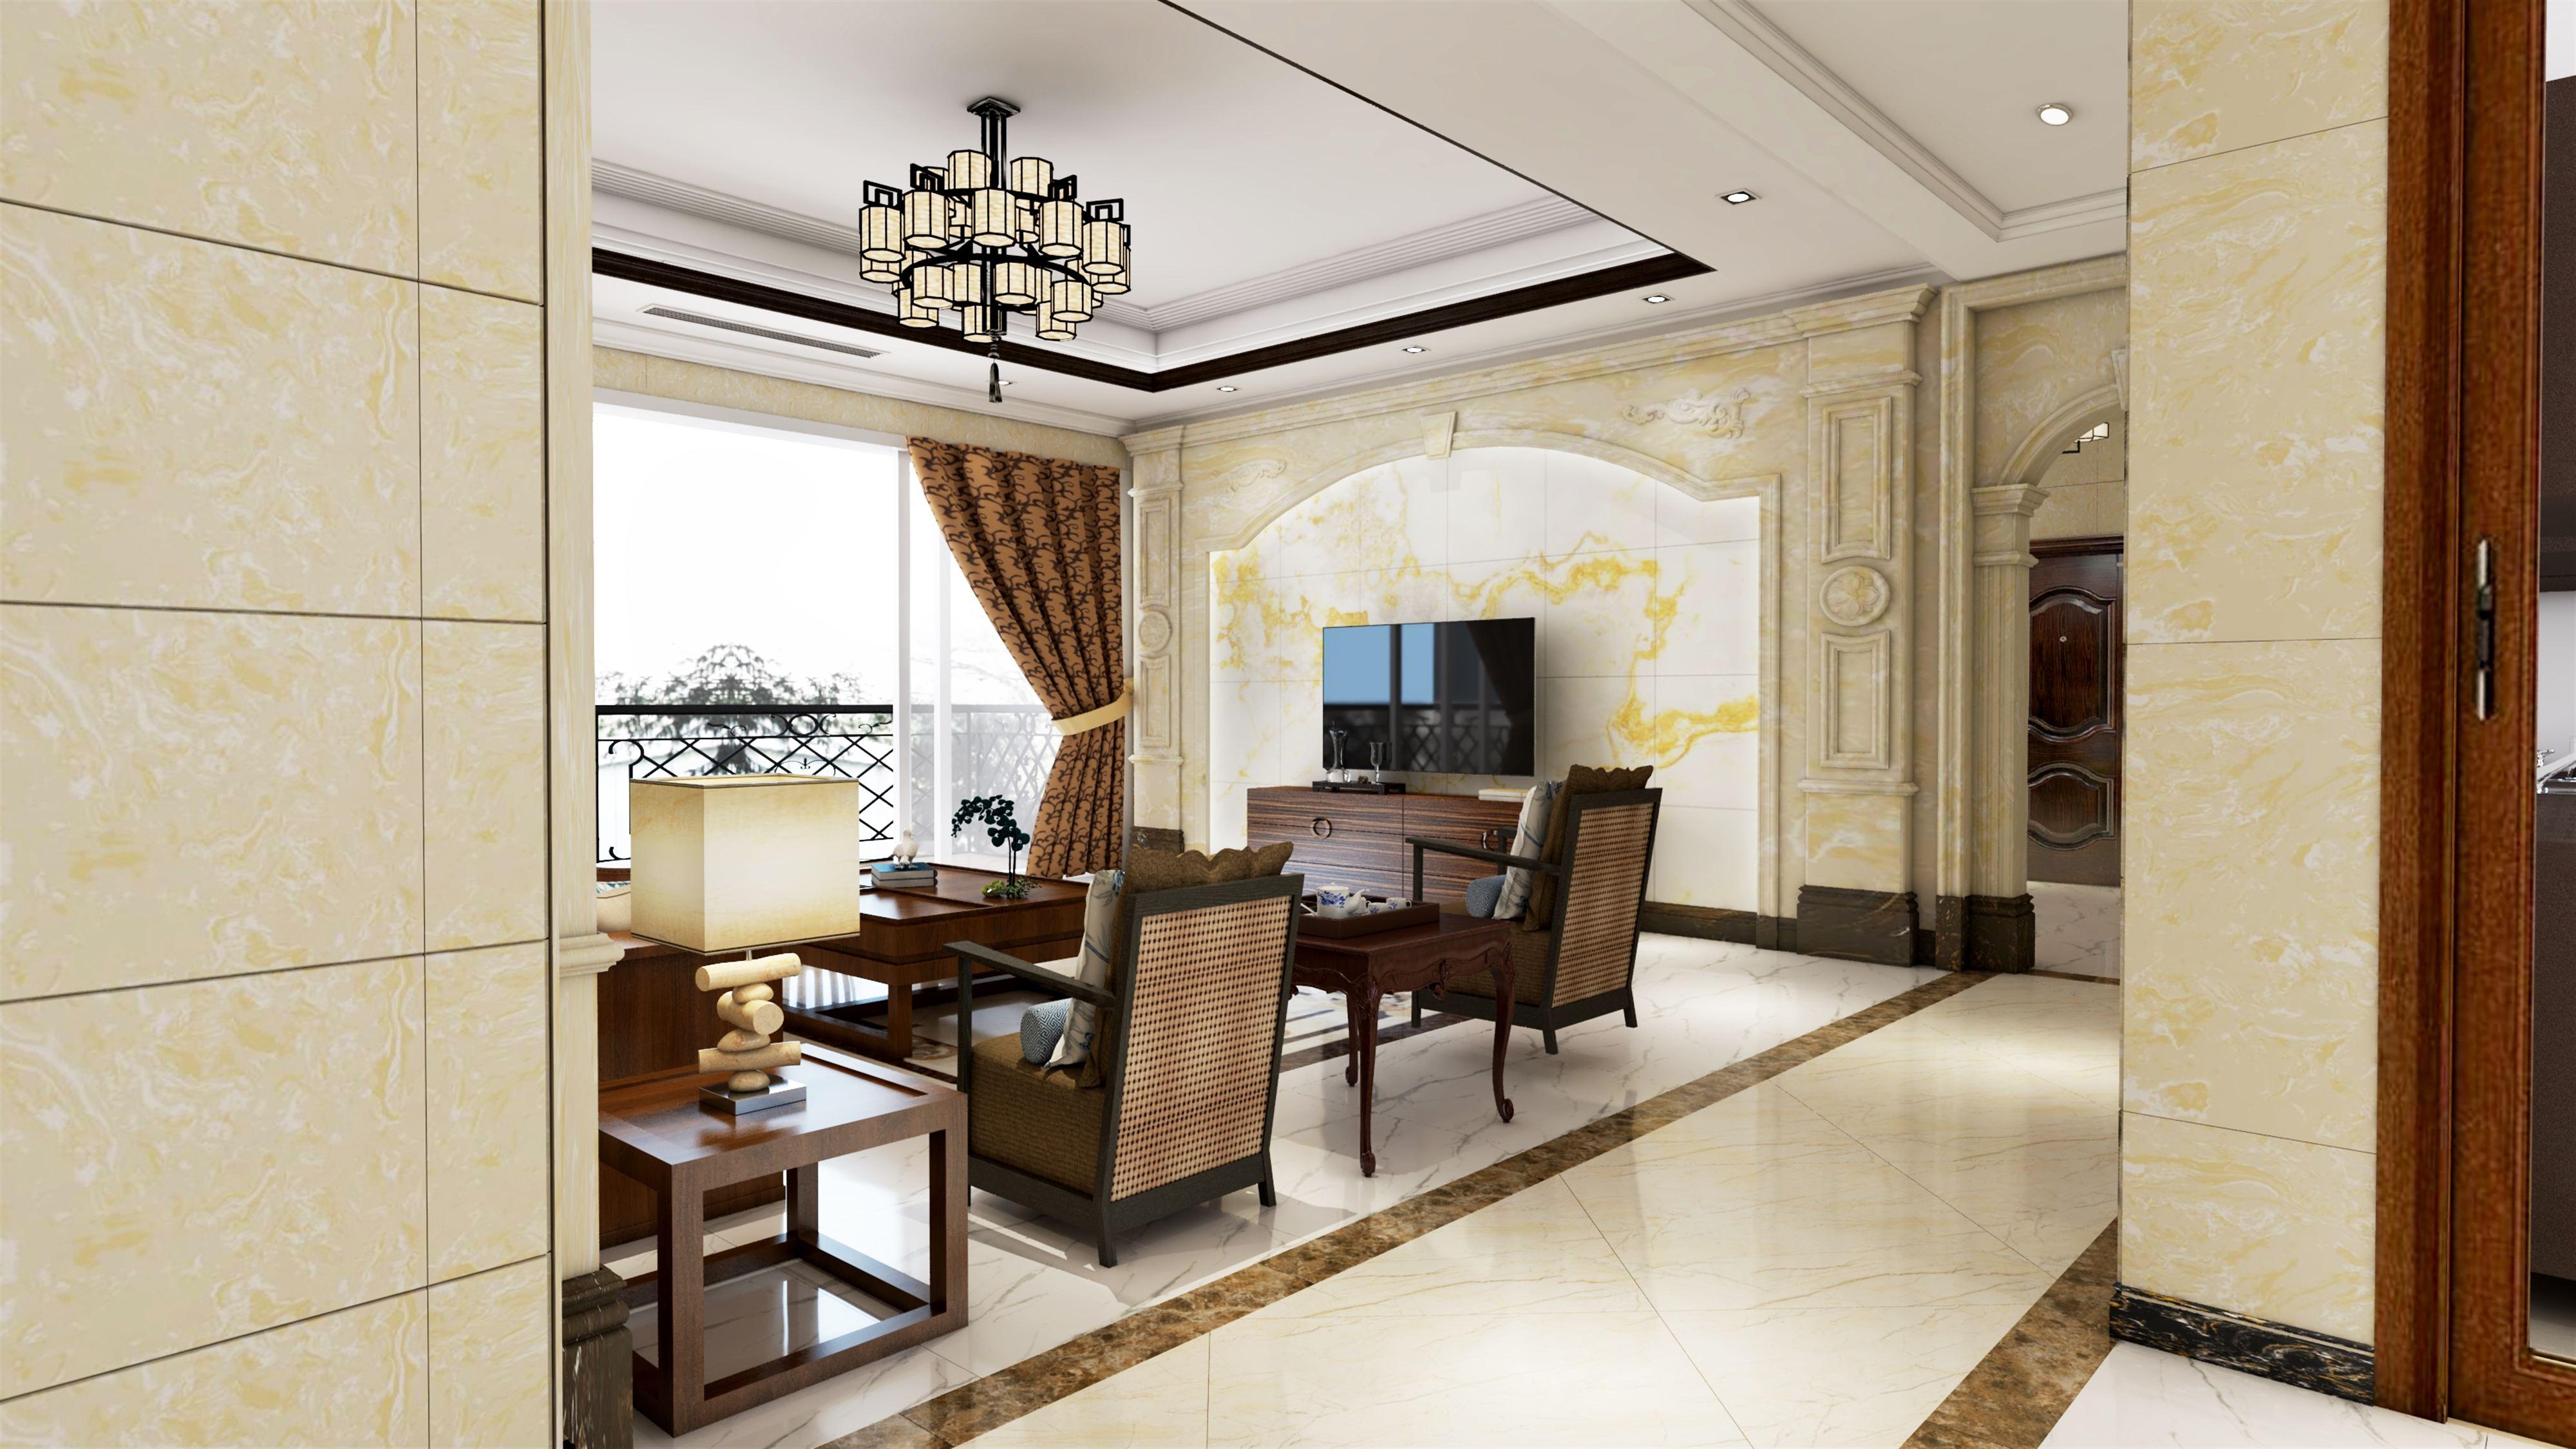 成都装饰设计公司新房装修全屋贴瓷砖好不好看看刘先生家的抱怨你就知道了